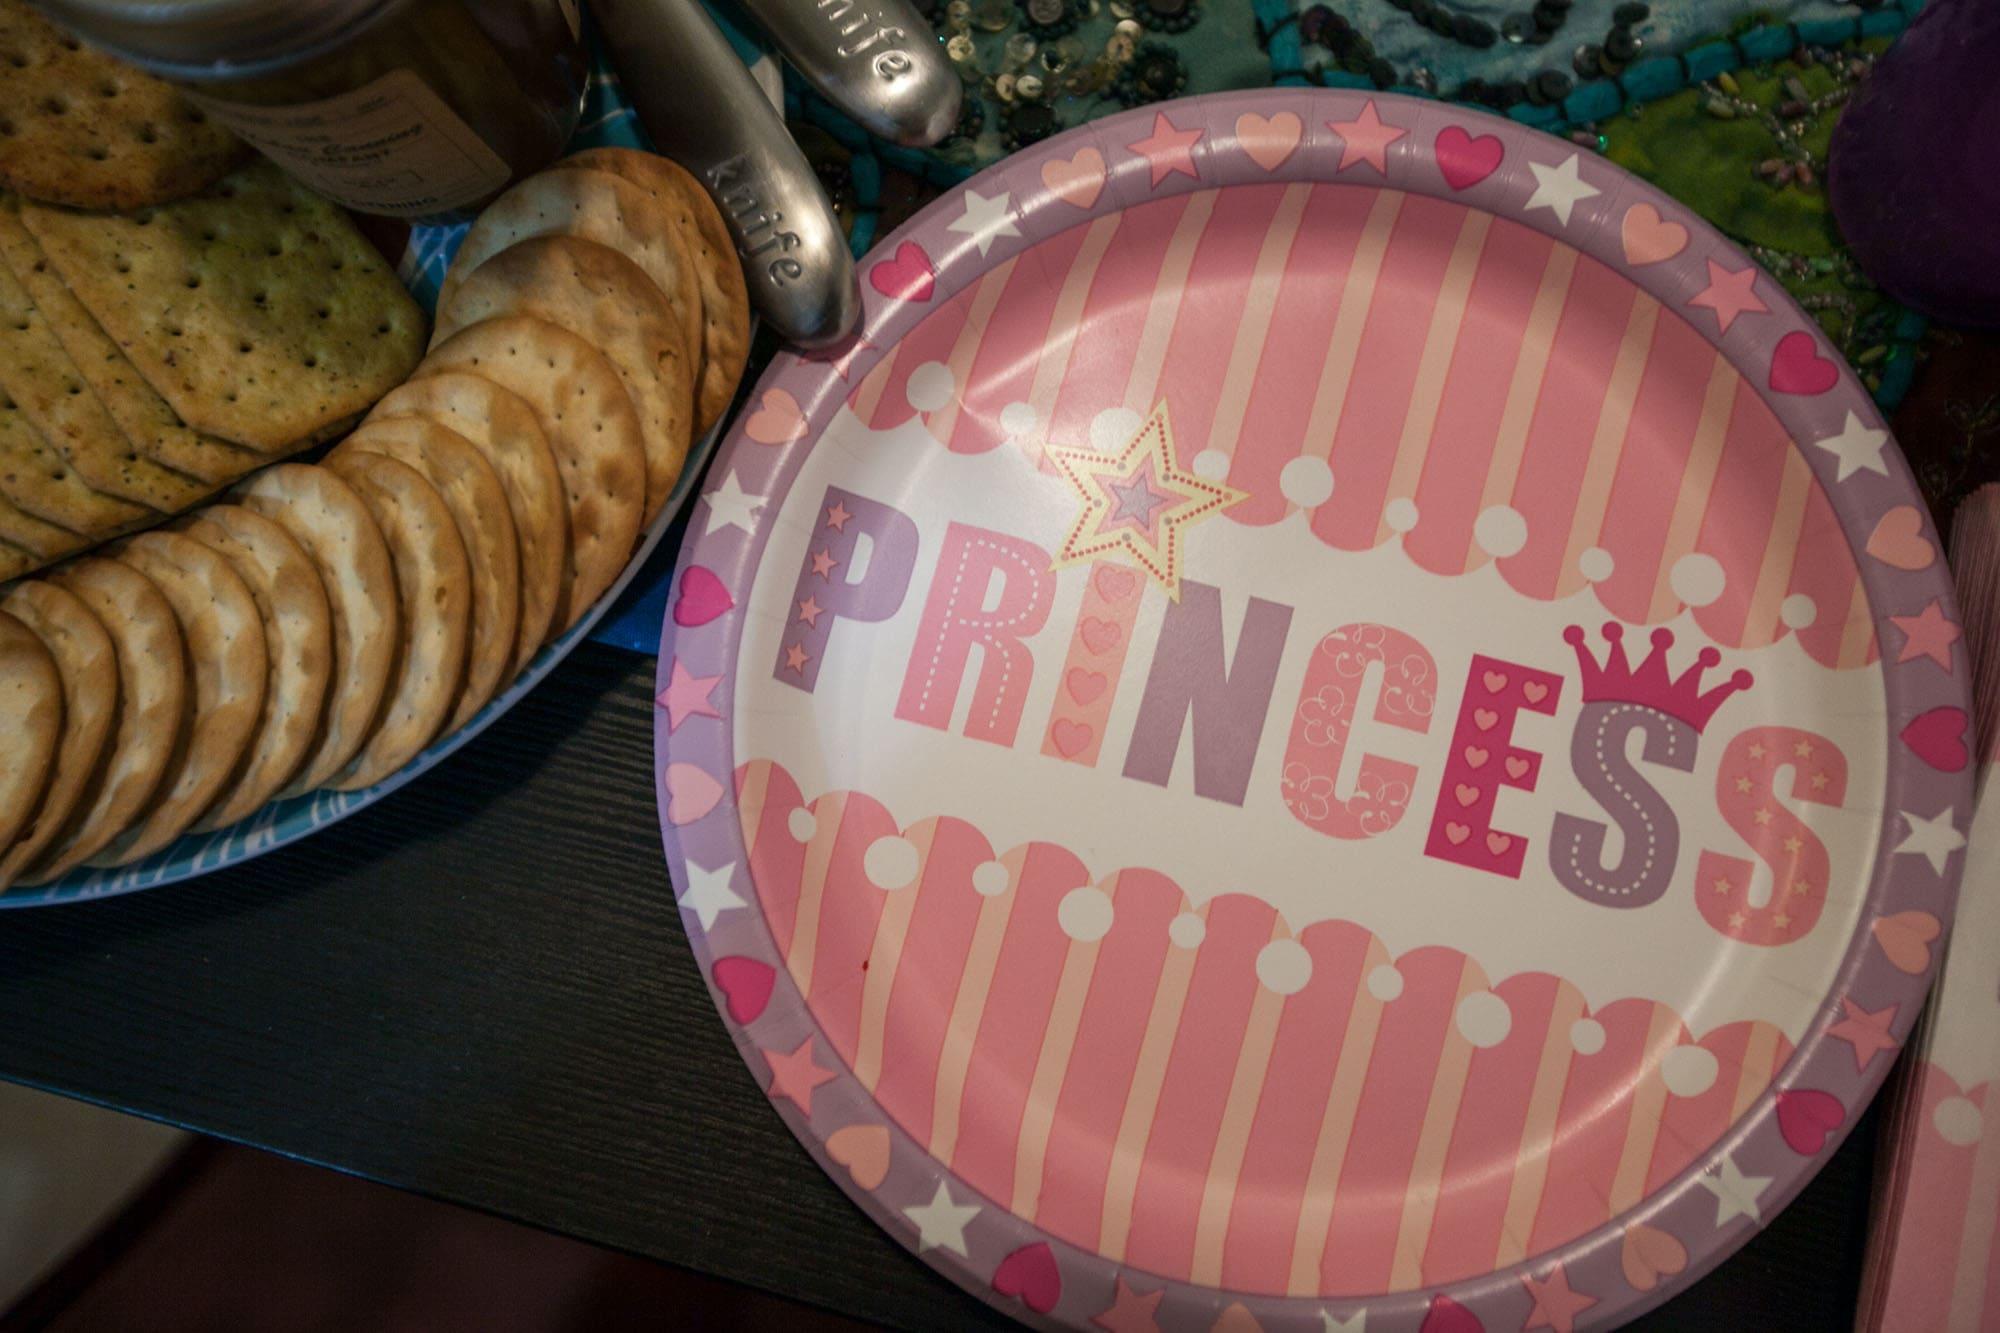 Princess plates. Because who wants boring plates?